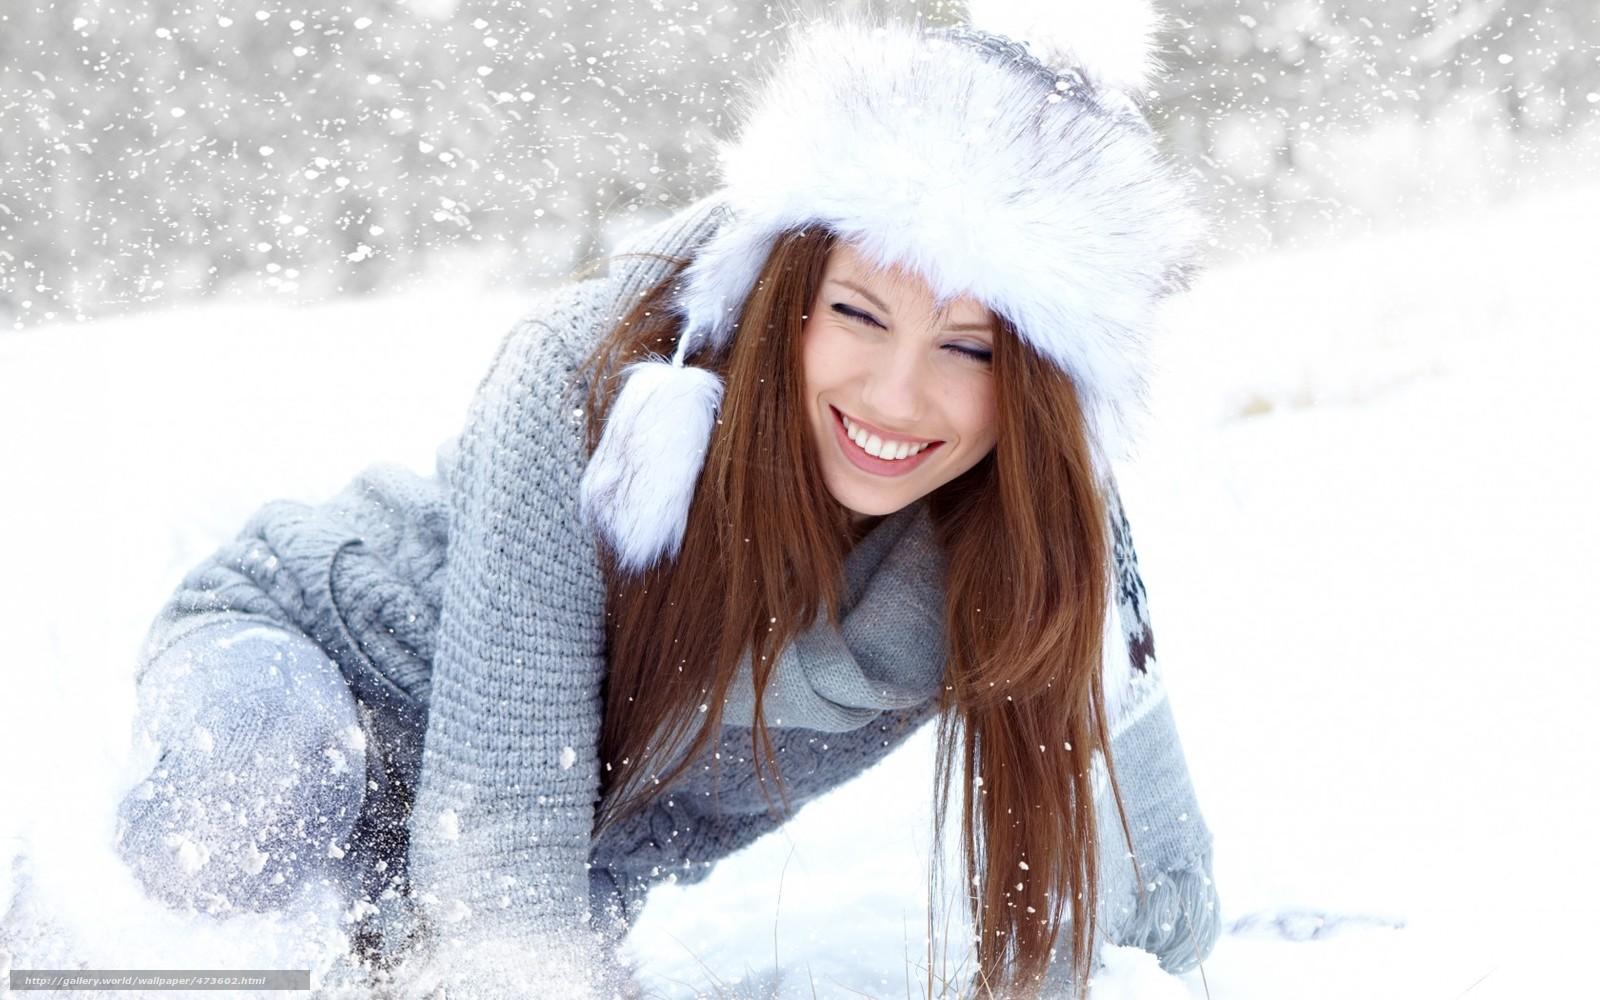 Фото девушек в снегу 15 фотография